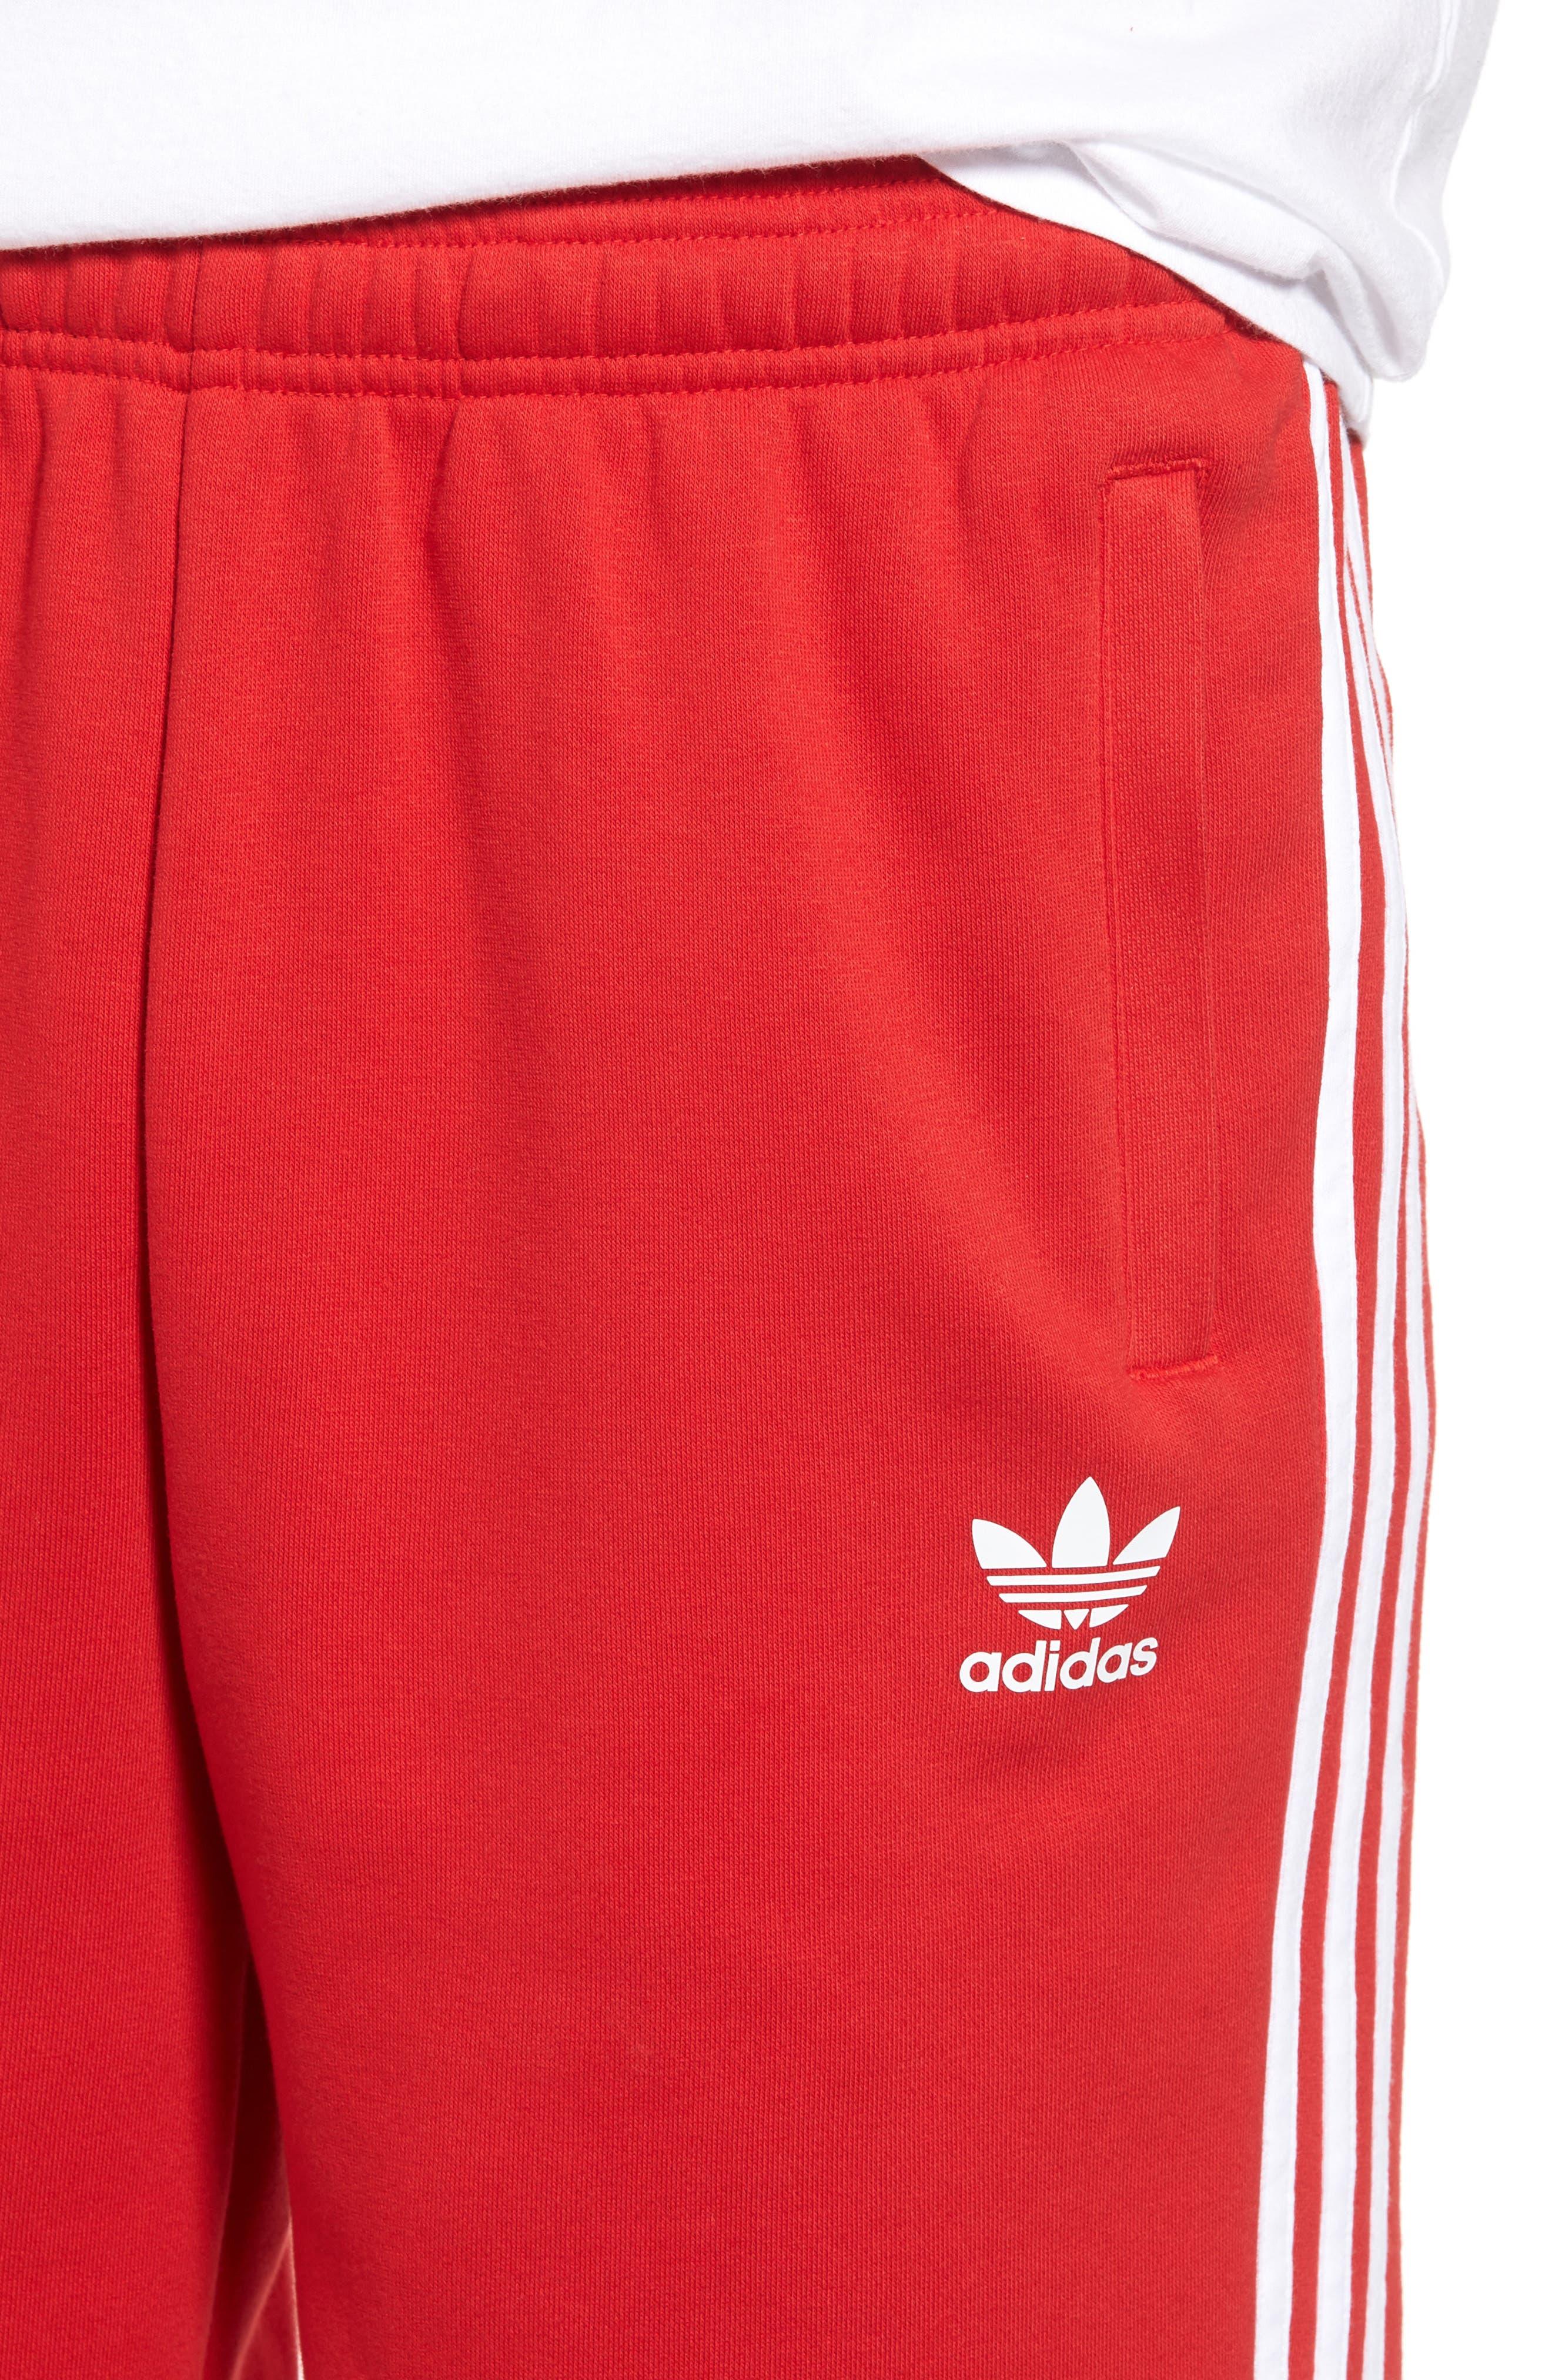 3-Stripes Shorts,                             Alternate thumbnail 4, color,                             610